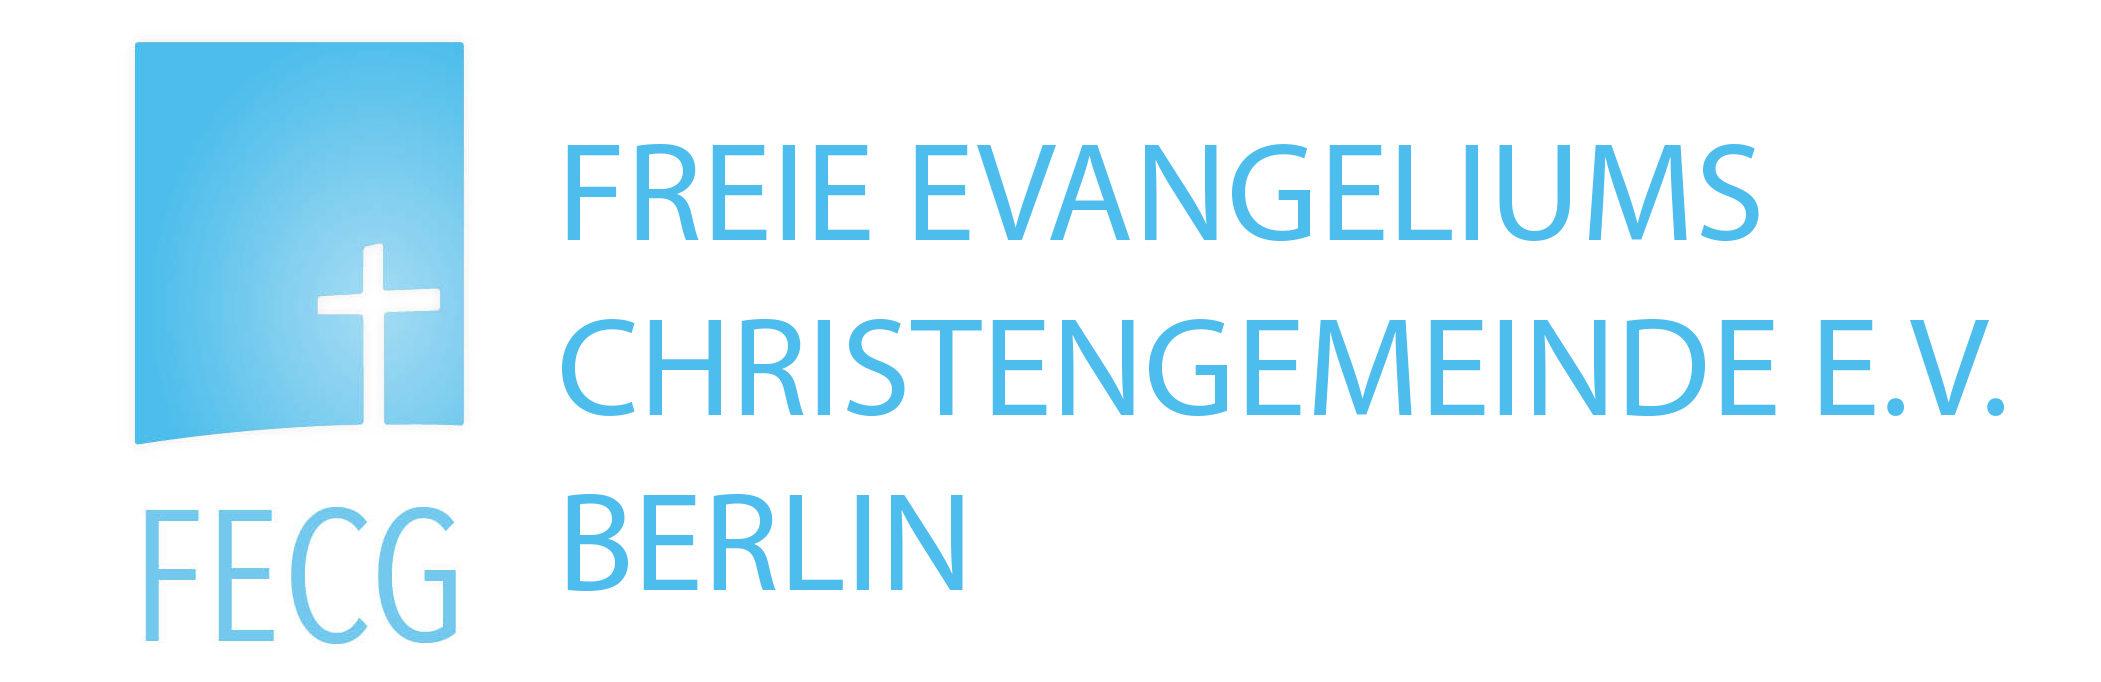 FREIE EVANGELIUMS CHRISTENGEMEINDE E.V.